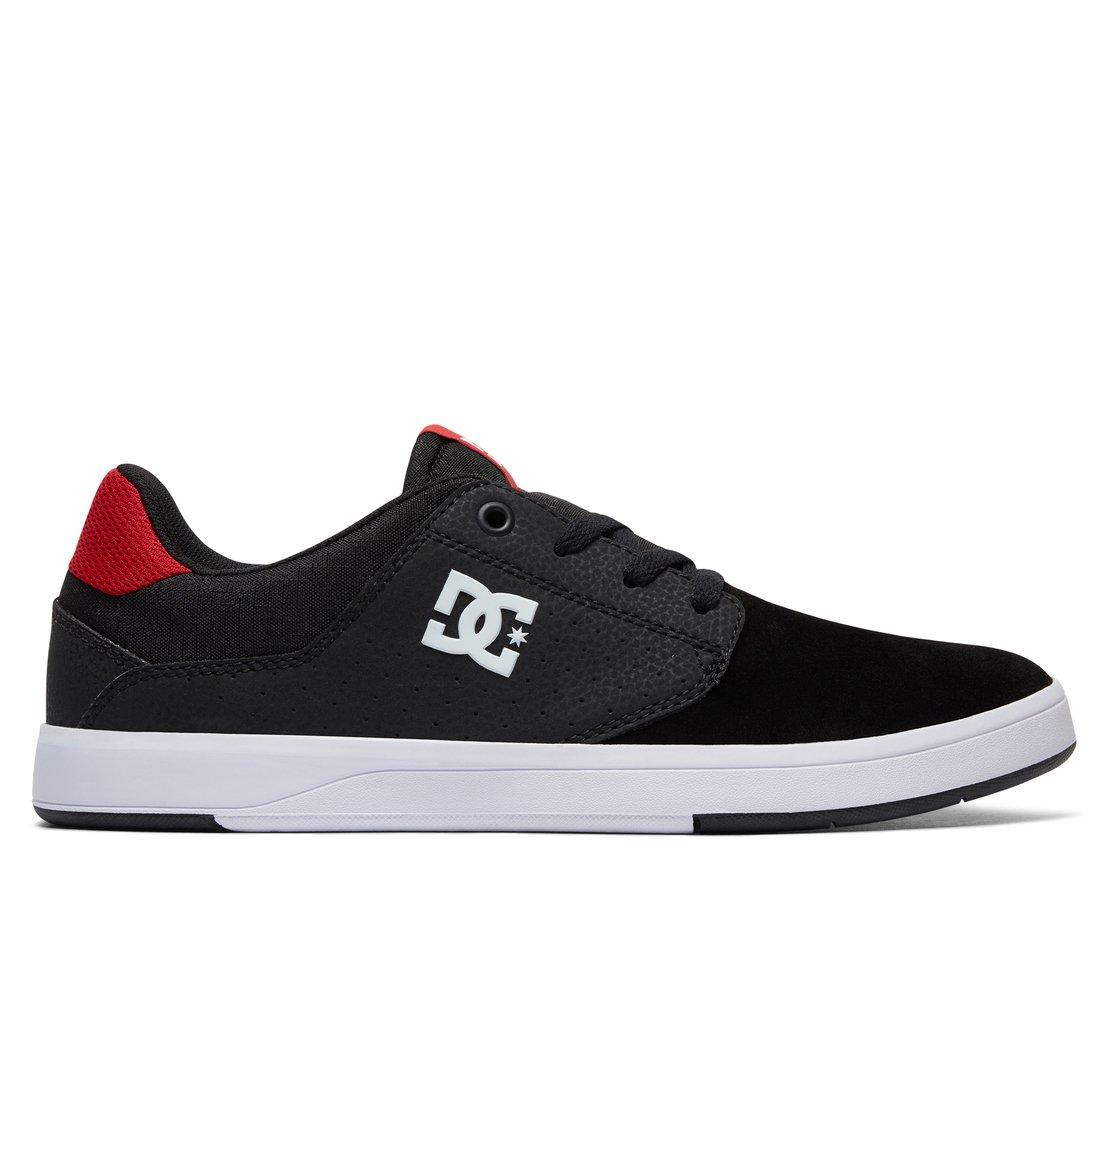 DC Shoes PLAZA TC S black athletic red Noir - Livraison Gratuite avec - Chaussures Chaussures de Skate Homme